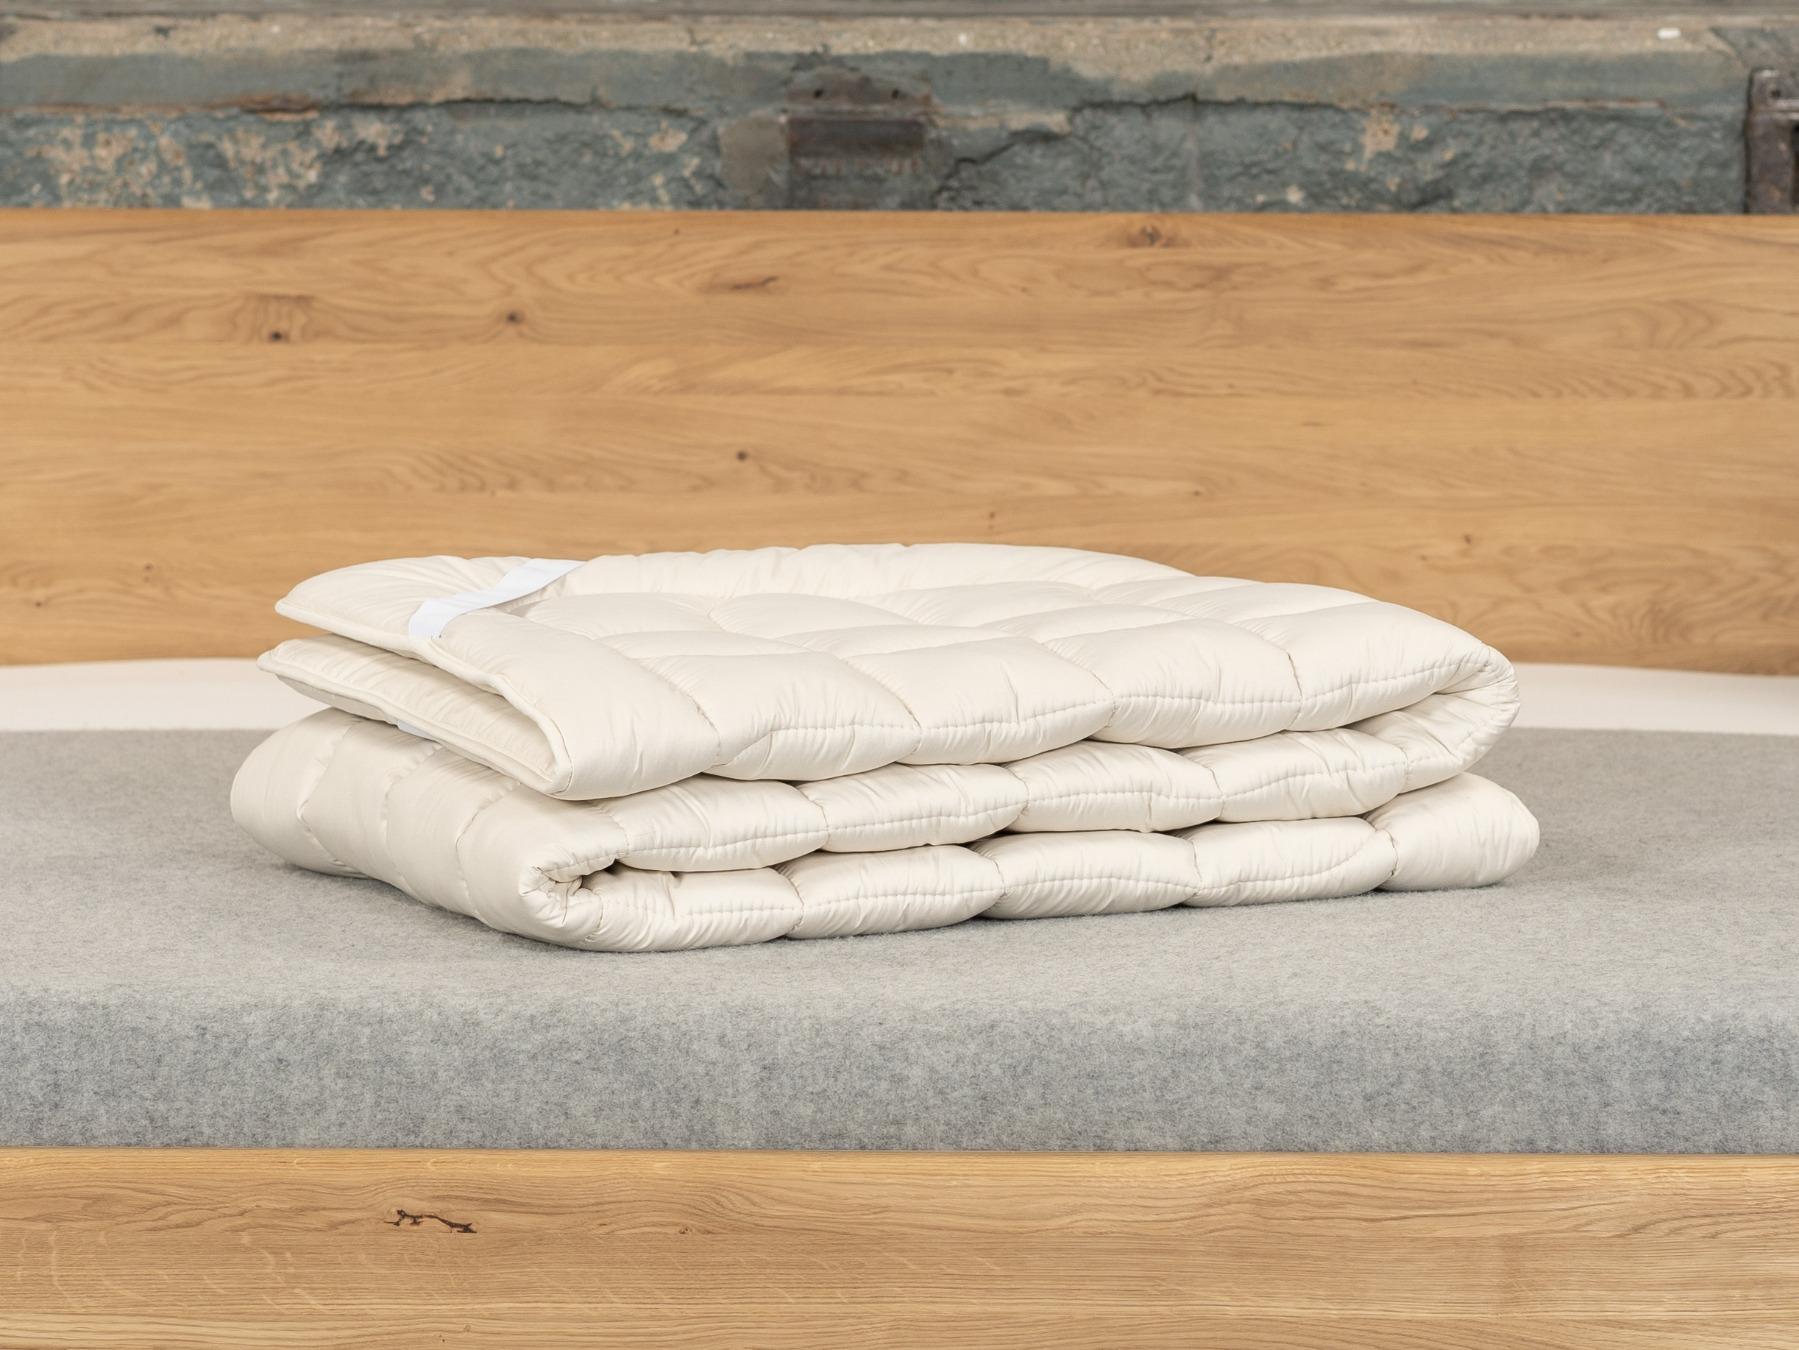 Unser Matratzenschoner Wildseide sorgt für angenehm kühle Nächte.